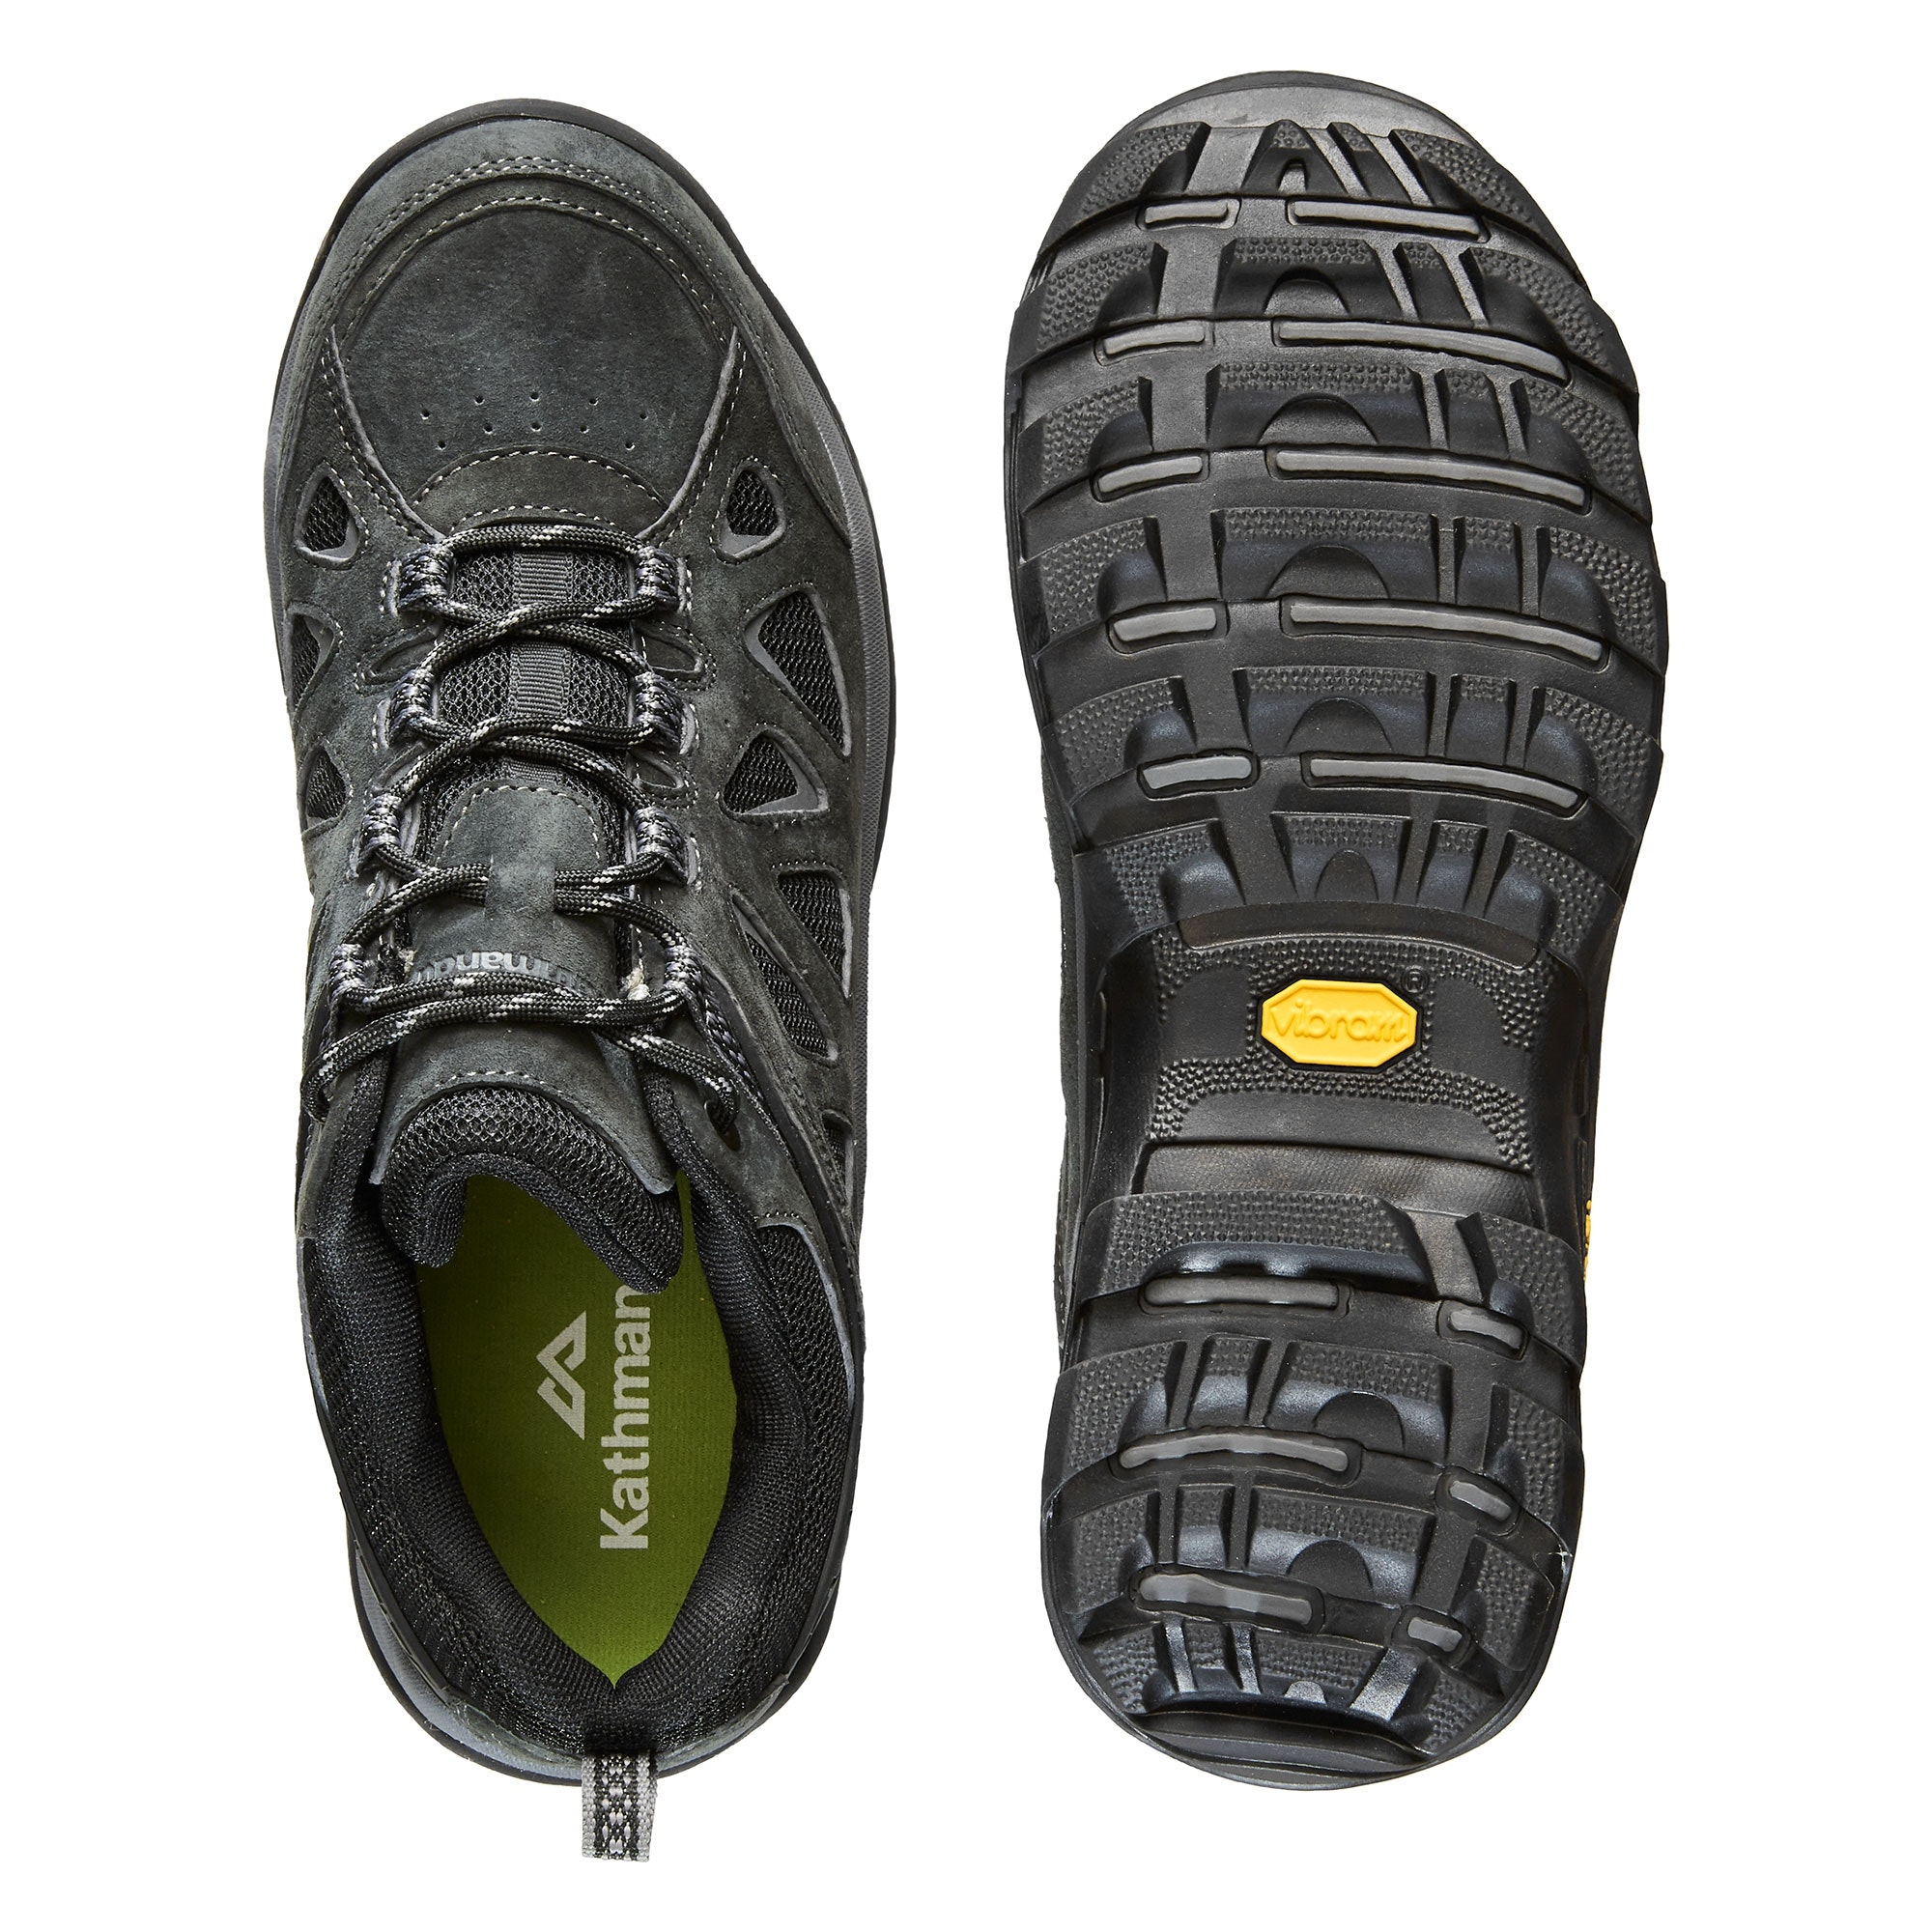 NEW-Kathmandu-Sandover-Men-ngx-Hiking-Shoes-Waterproof-Breathable-Liner-Vibram thumbnail 6